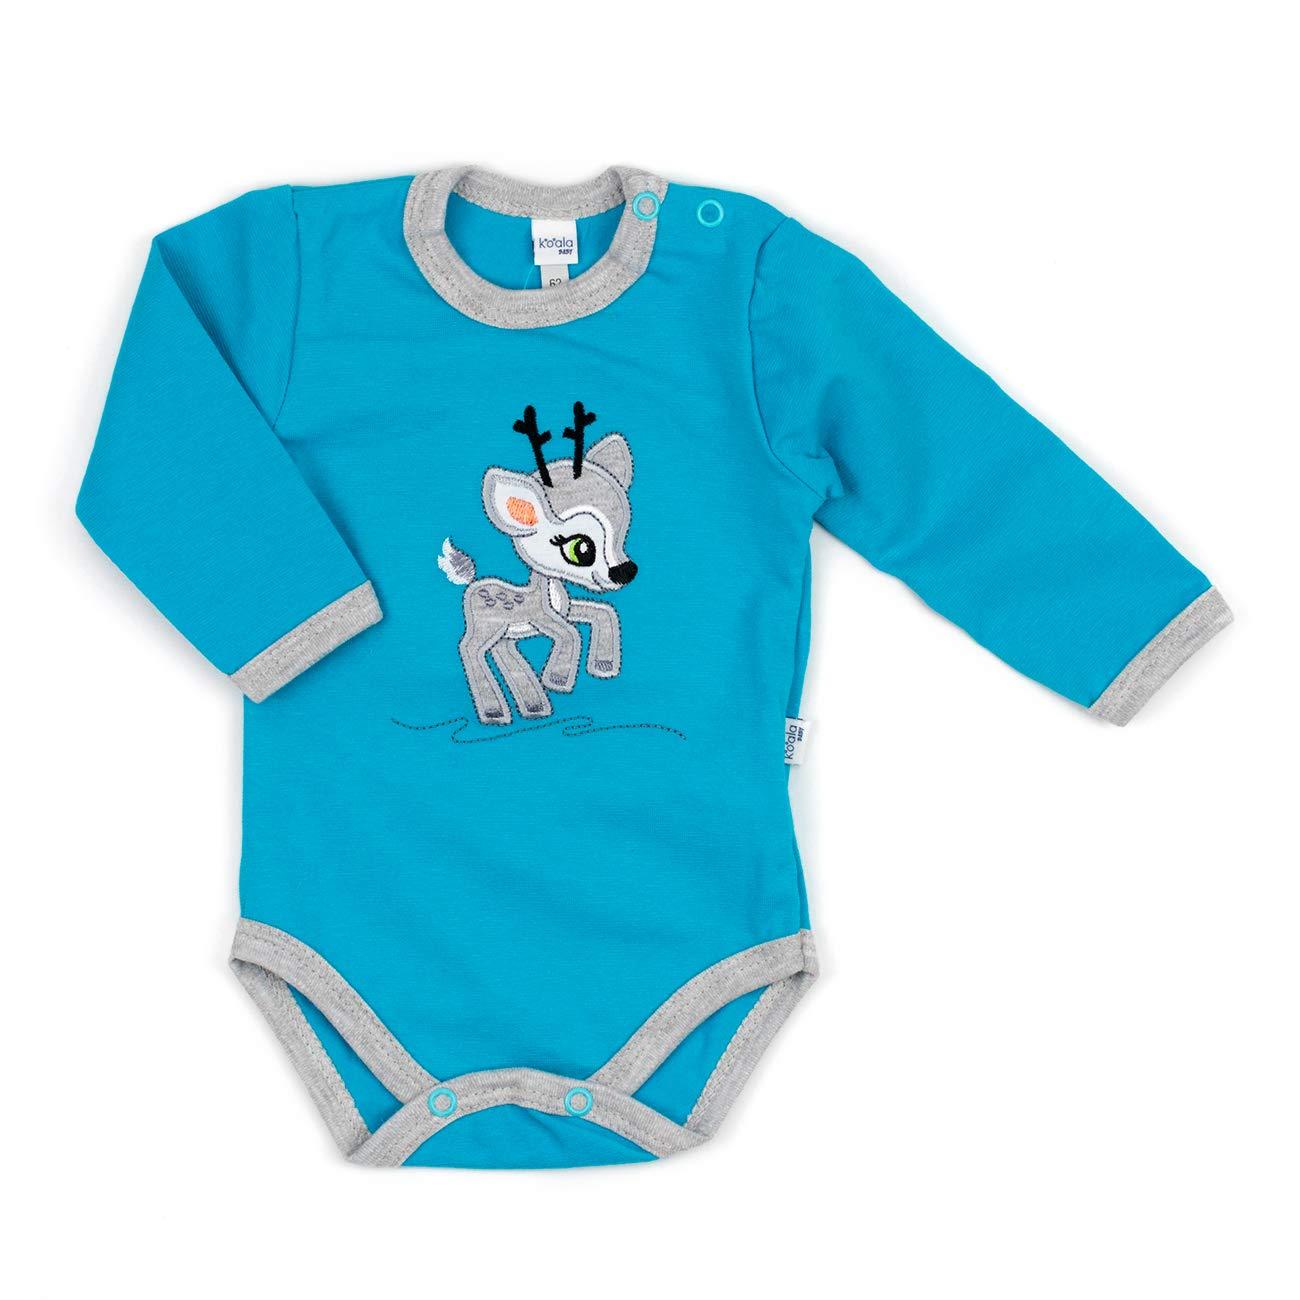 Baby Langarmbody Jungen blau | Motiv: Reh | Marke: Koala Baby | Babybody mit Rehkitz für Neugeborene & Kleinkinder | Größe: 1 Monat (56)